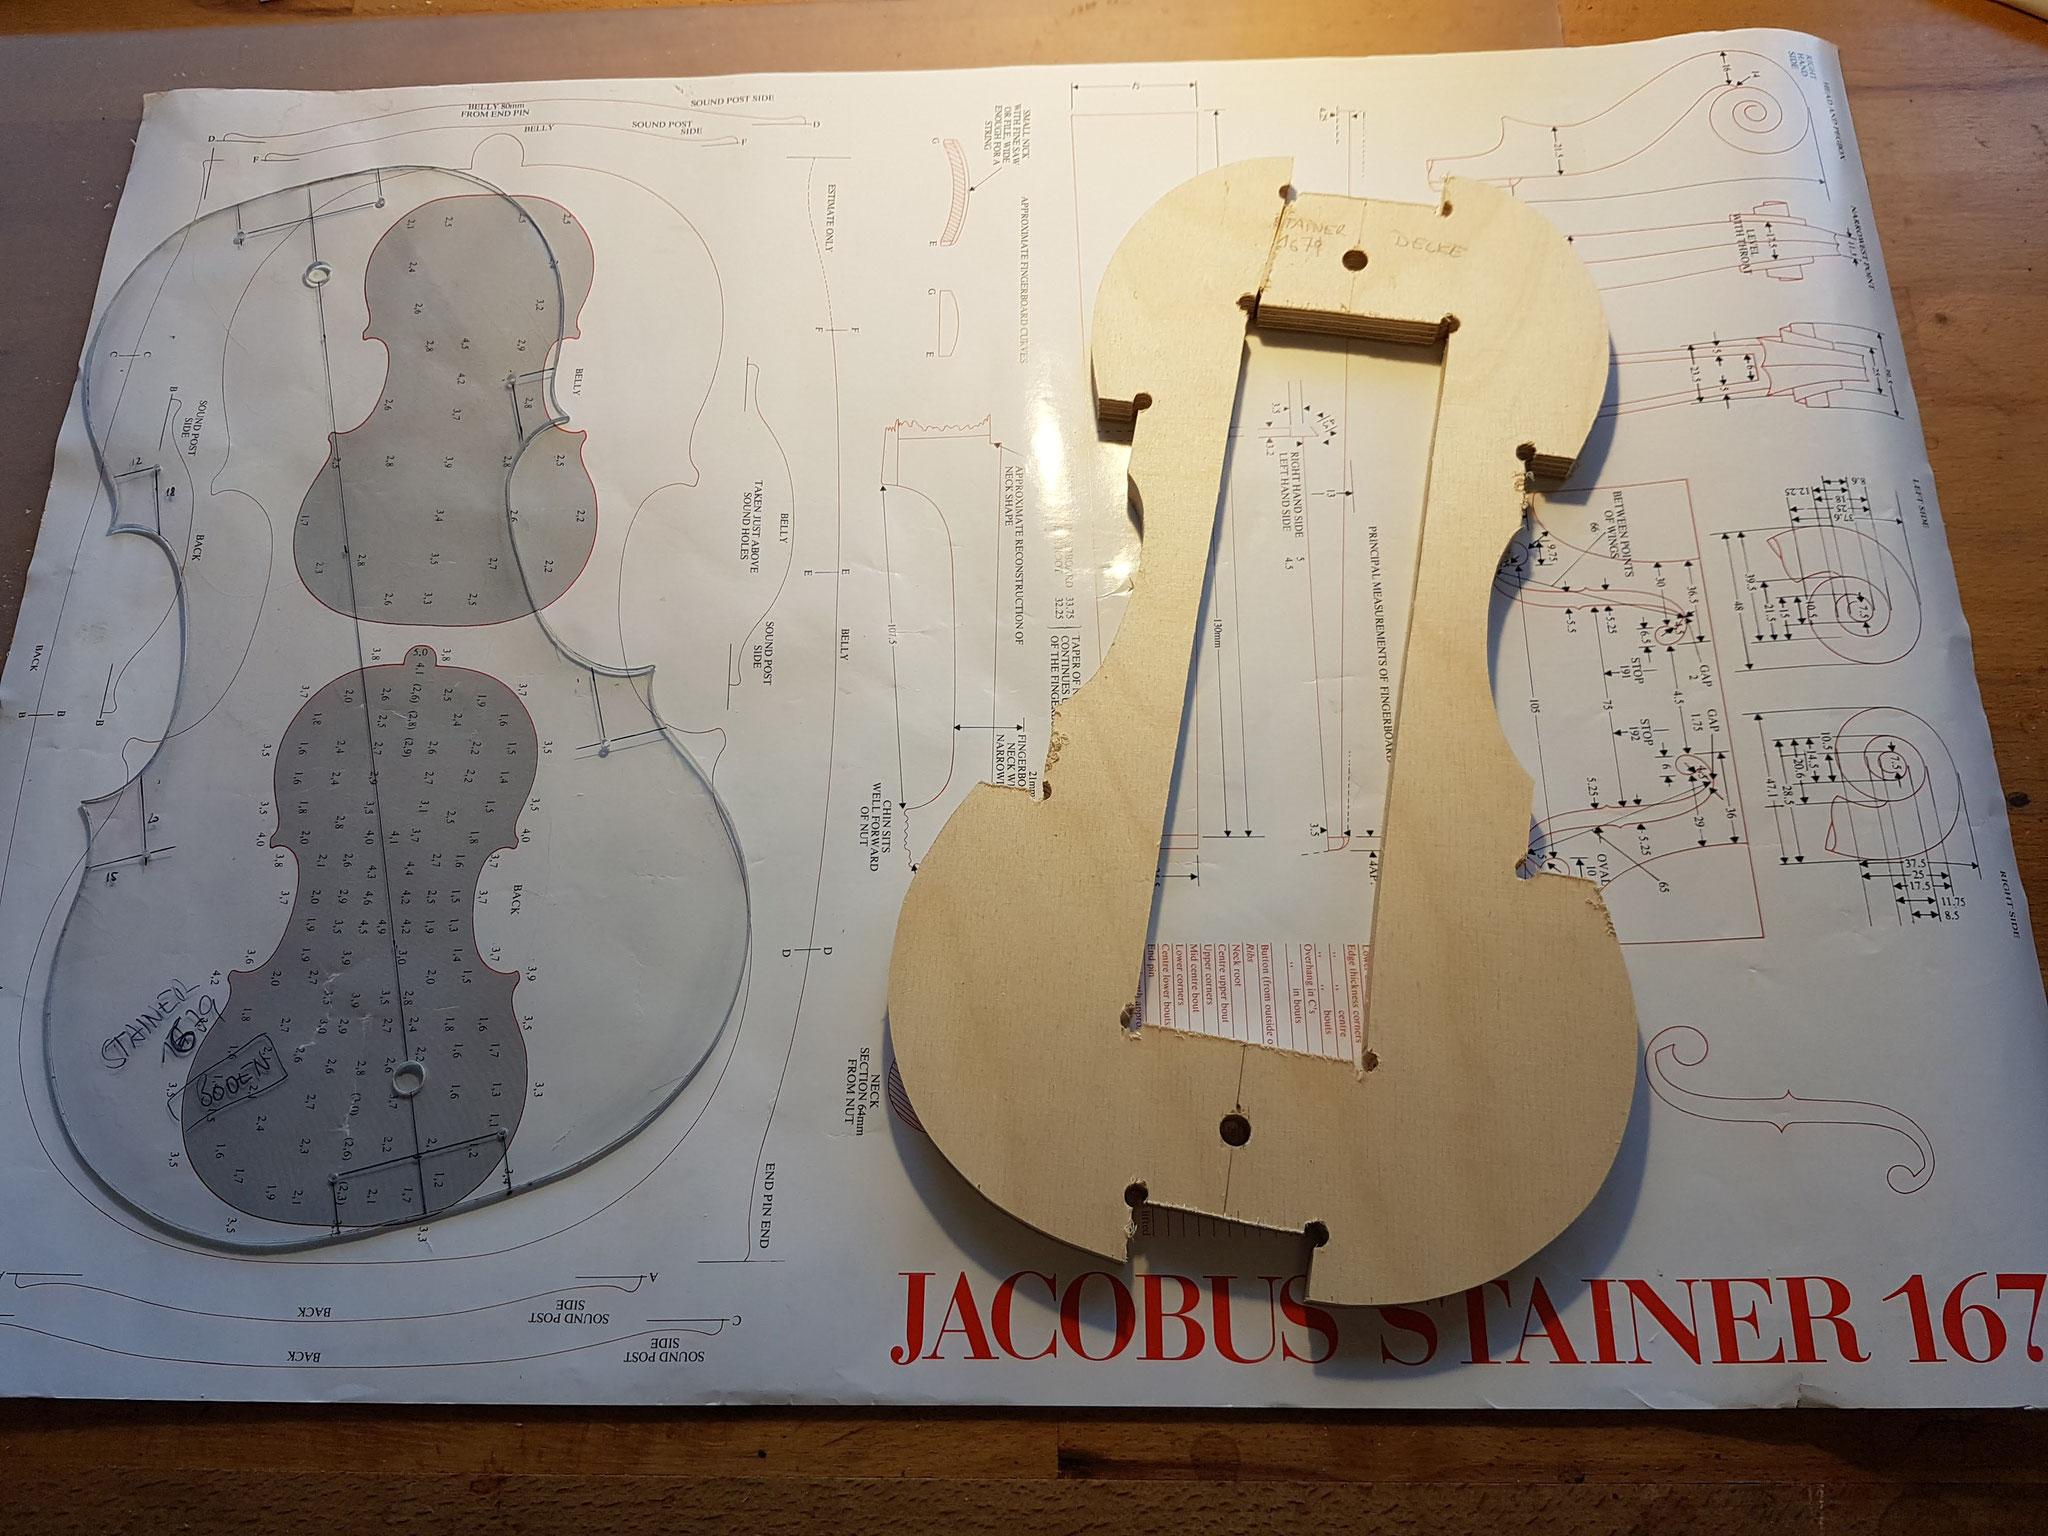 Da wir leider kein Originalinstrument als Vorlage haben, bedienen wir uns Fachbüchern und Plakaten wie diesem, nach dem wir die Schablonen für den Korpus herstellen.